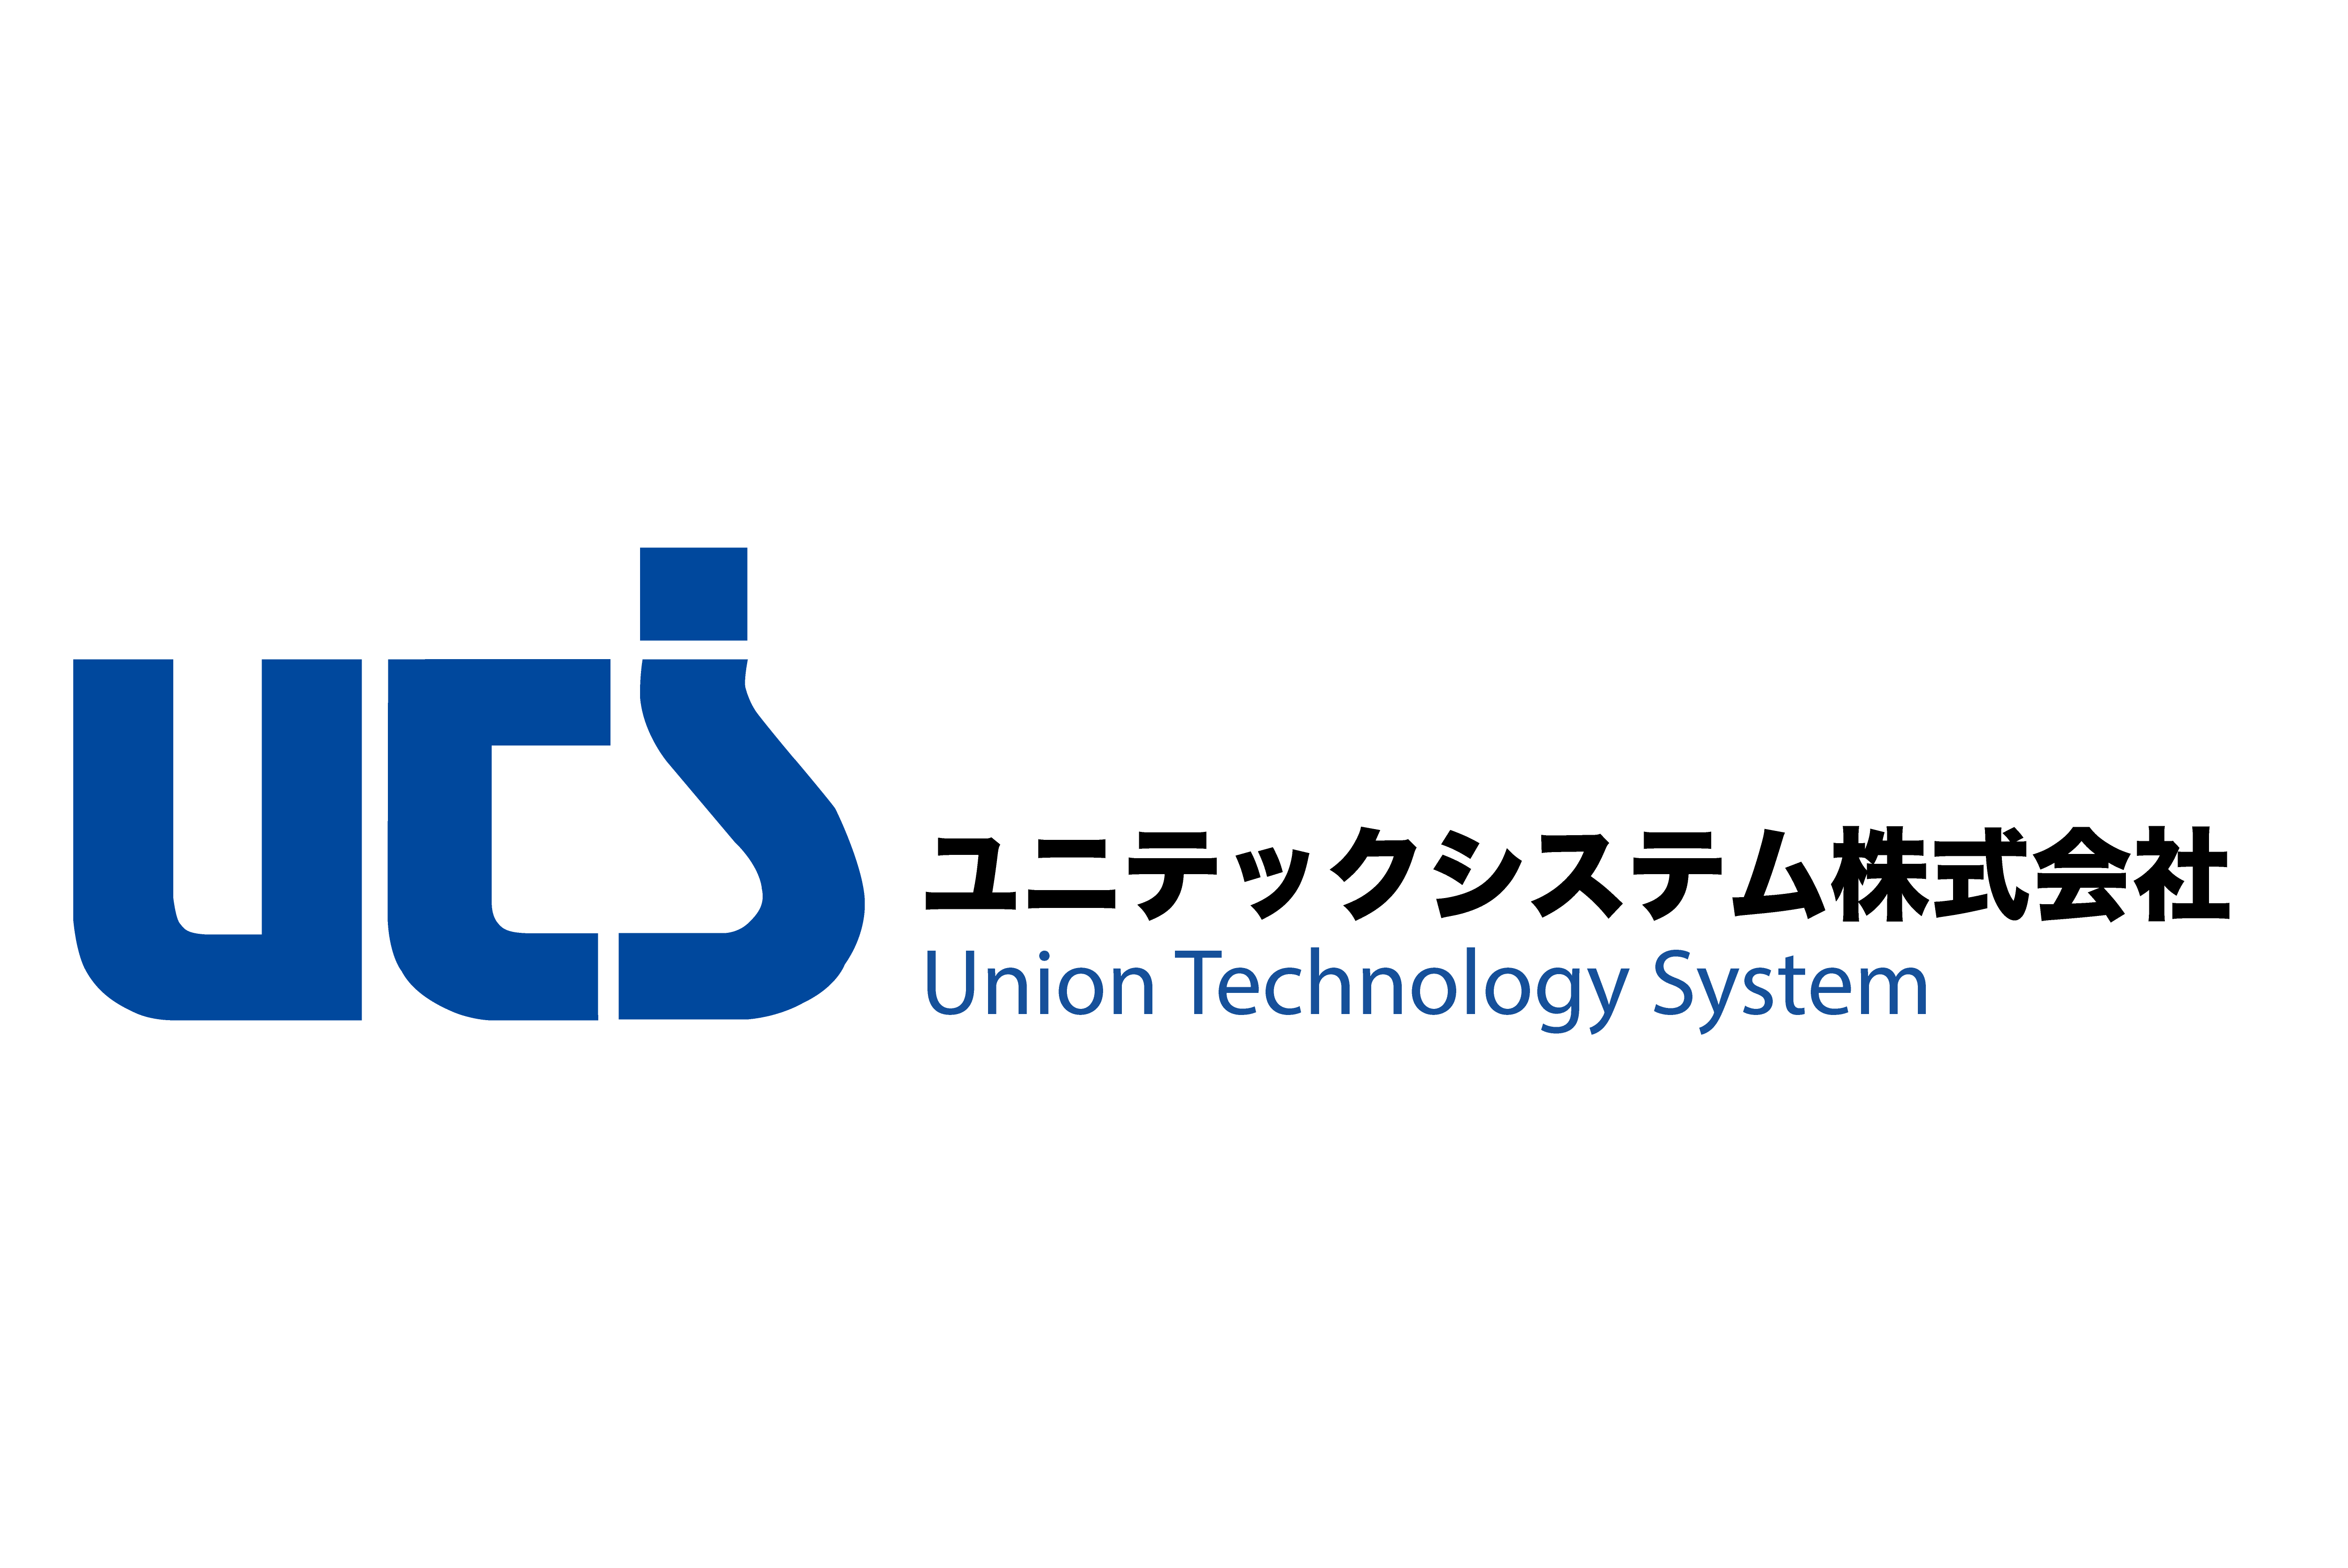 クラウドサービス【Navi年末調整】の操作説明セミナー